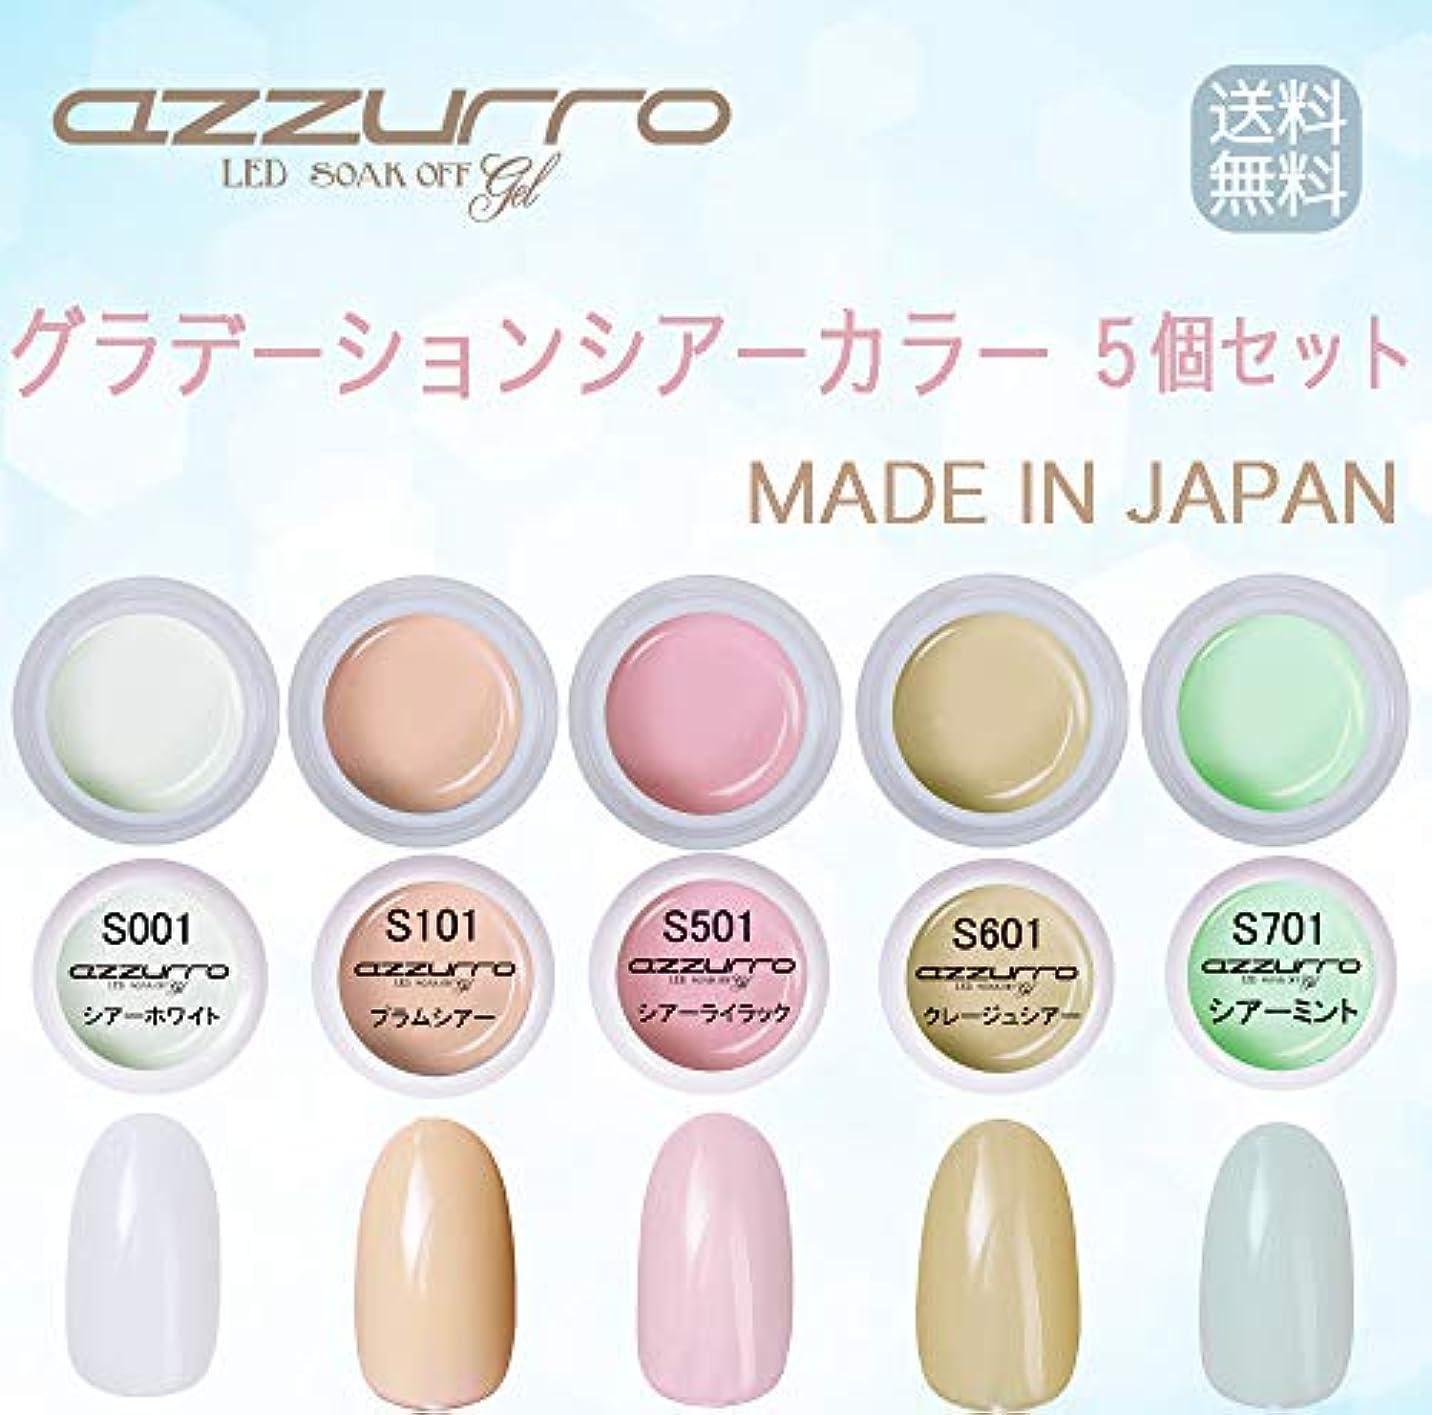 対応する精神的に気怠い【送料無料】日本製 azzurro gel グラデーションシアーカラージェル5個セット 春にぴったりな 春グラデーションシアーカラー